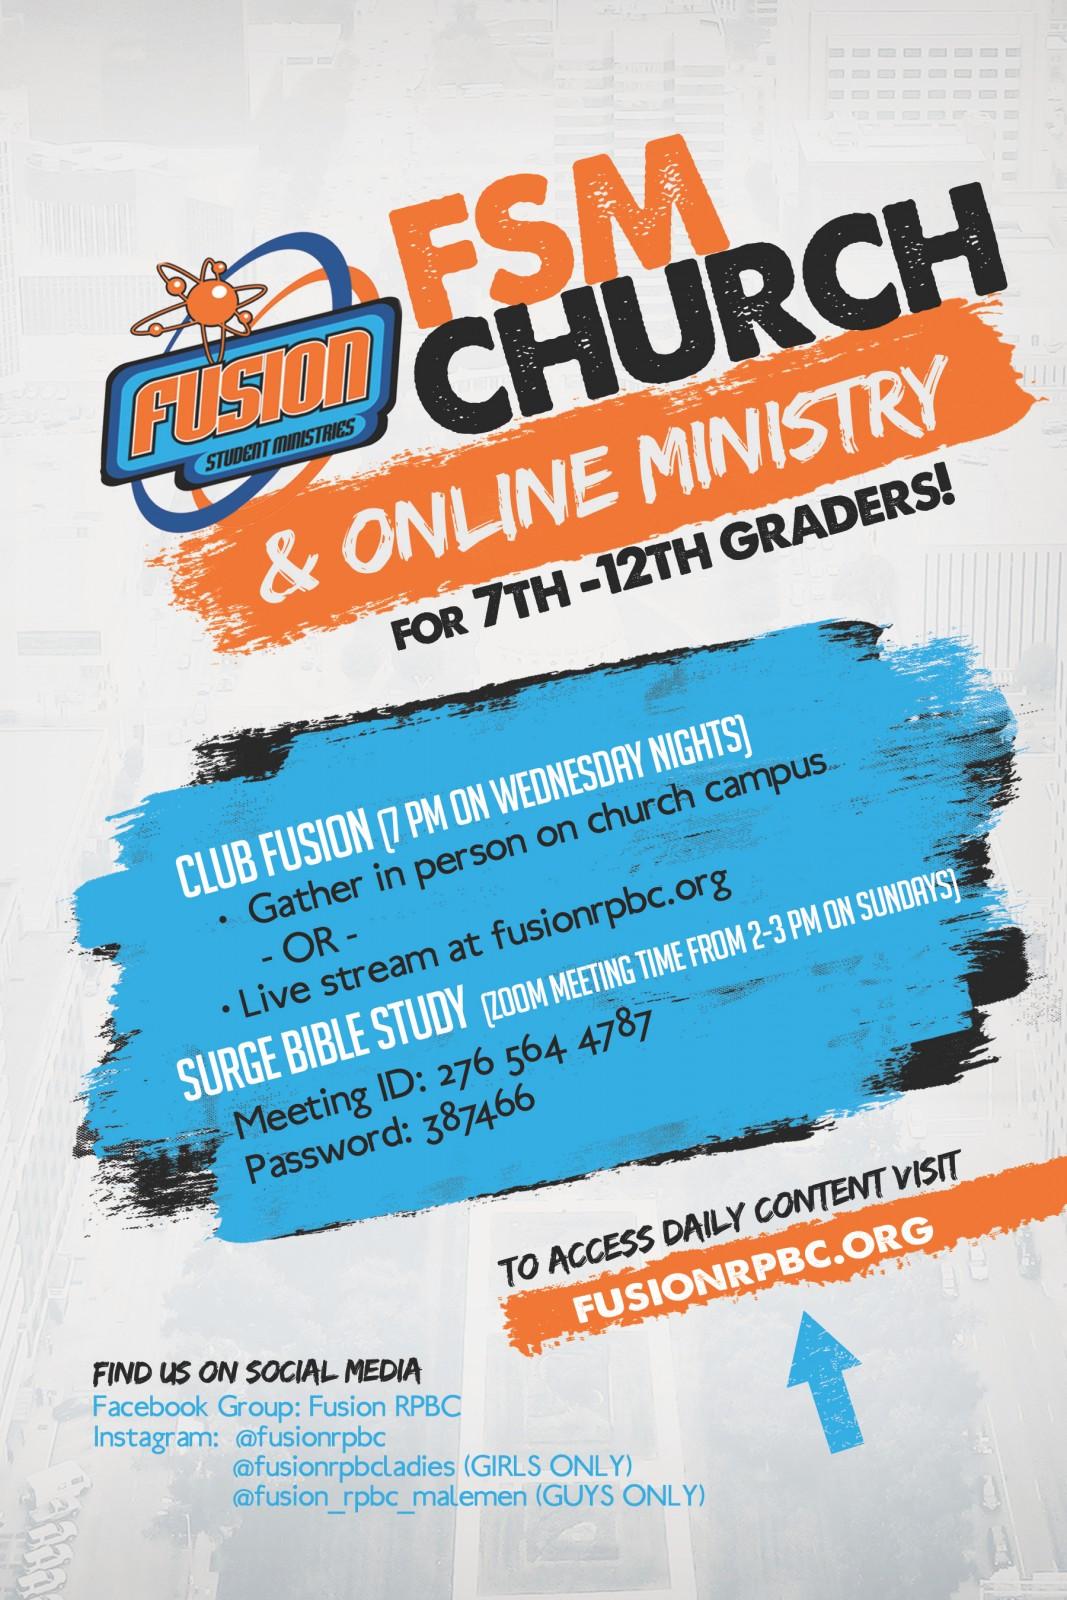 FSM_Church_Online_Ministry